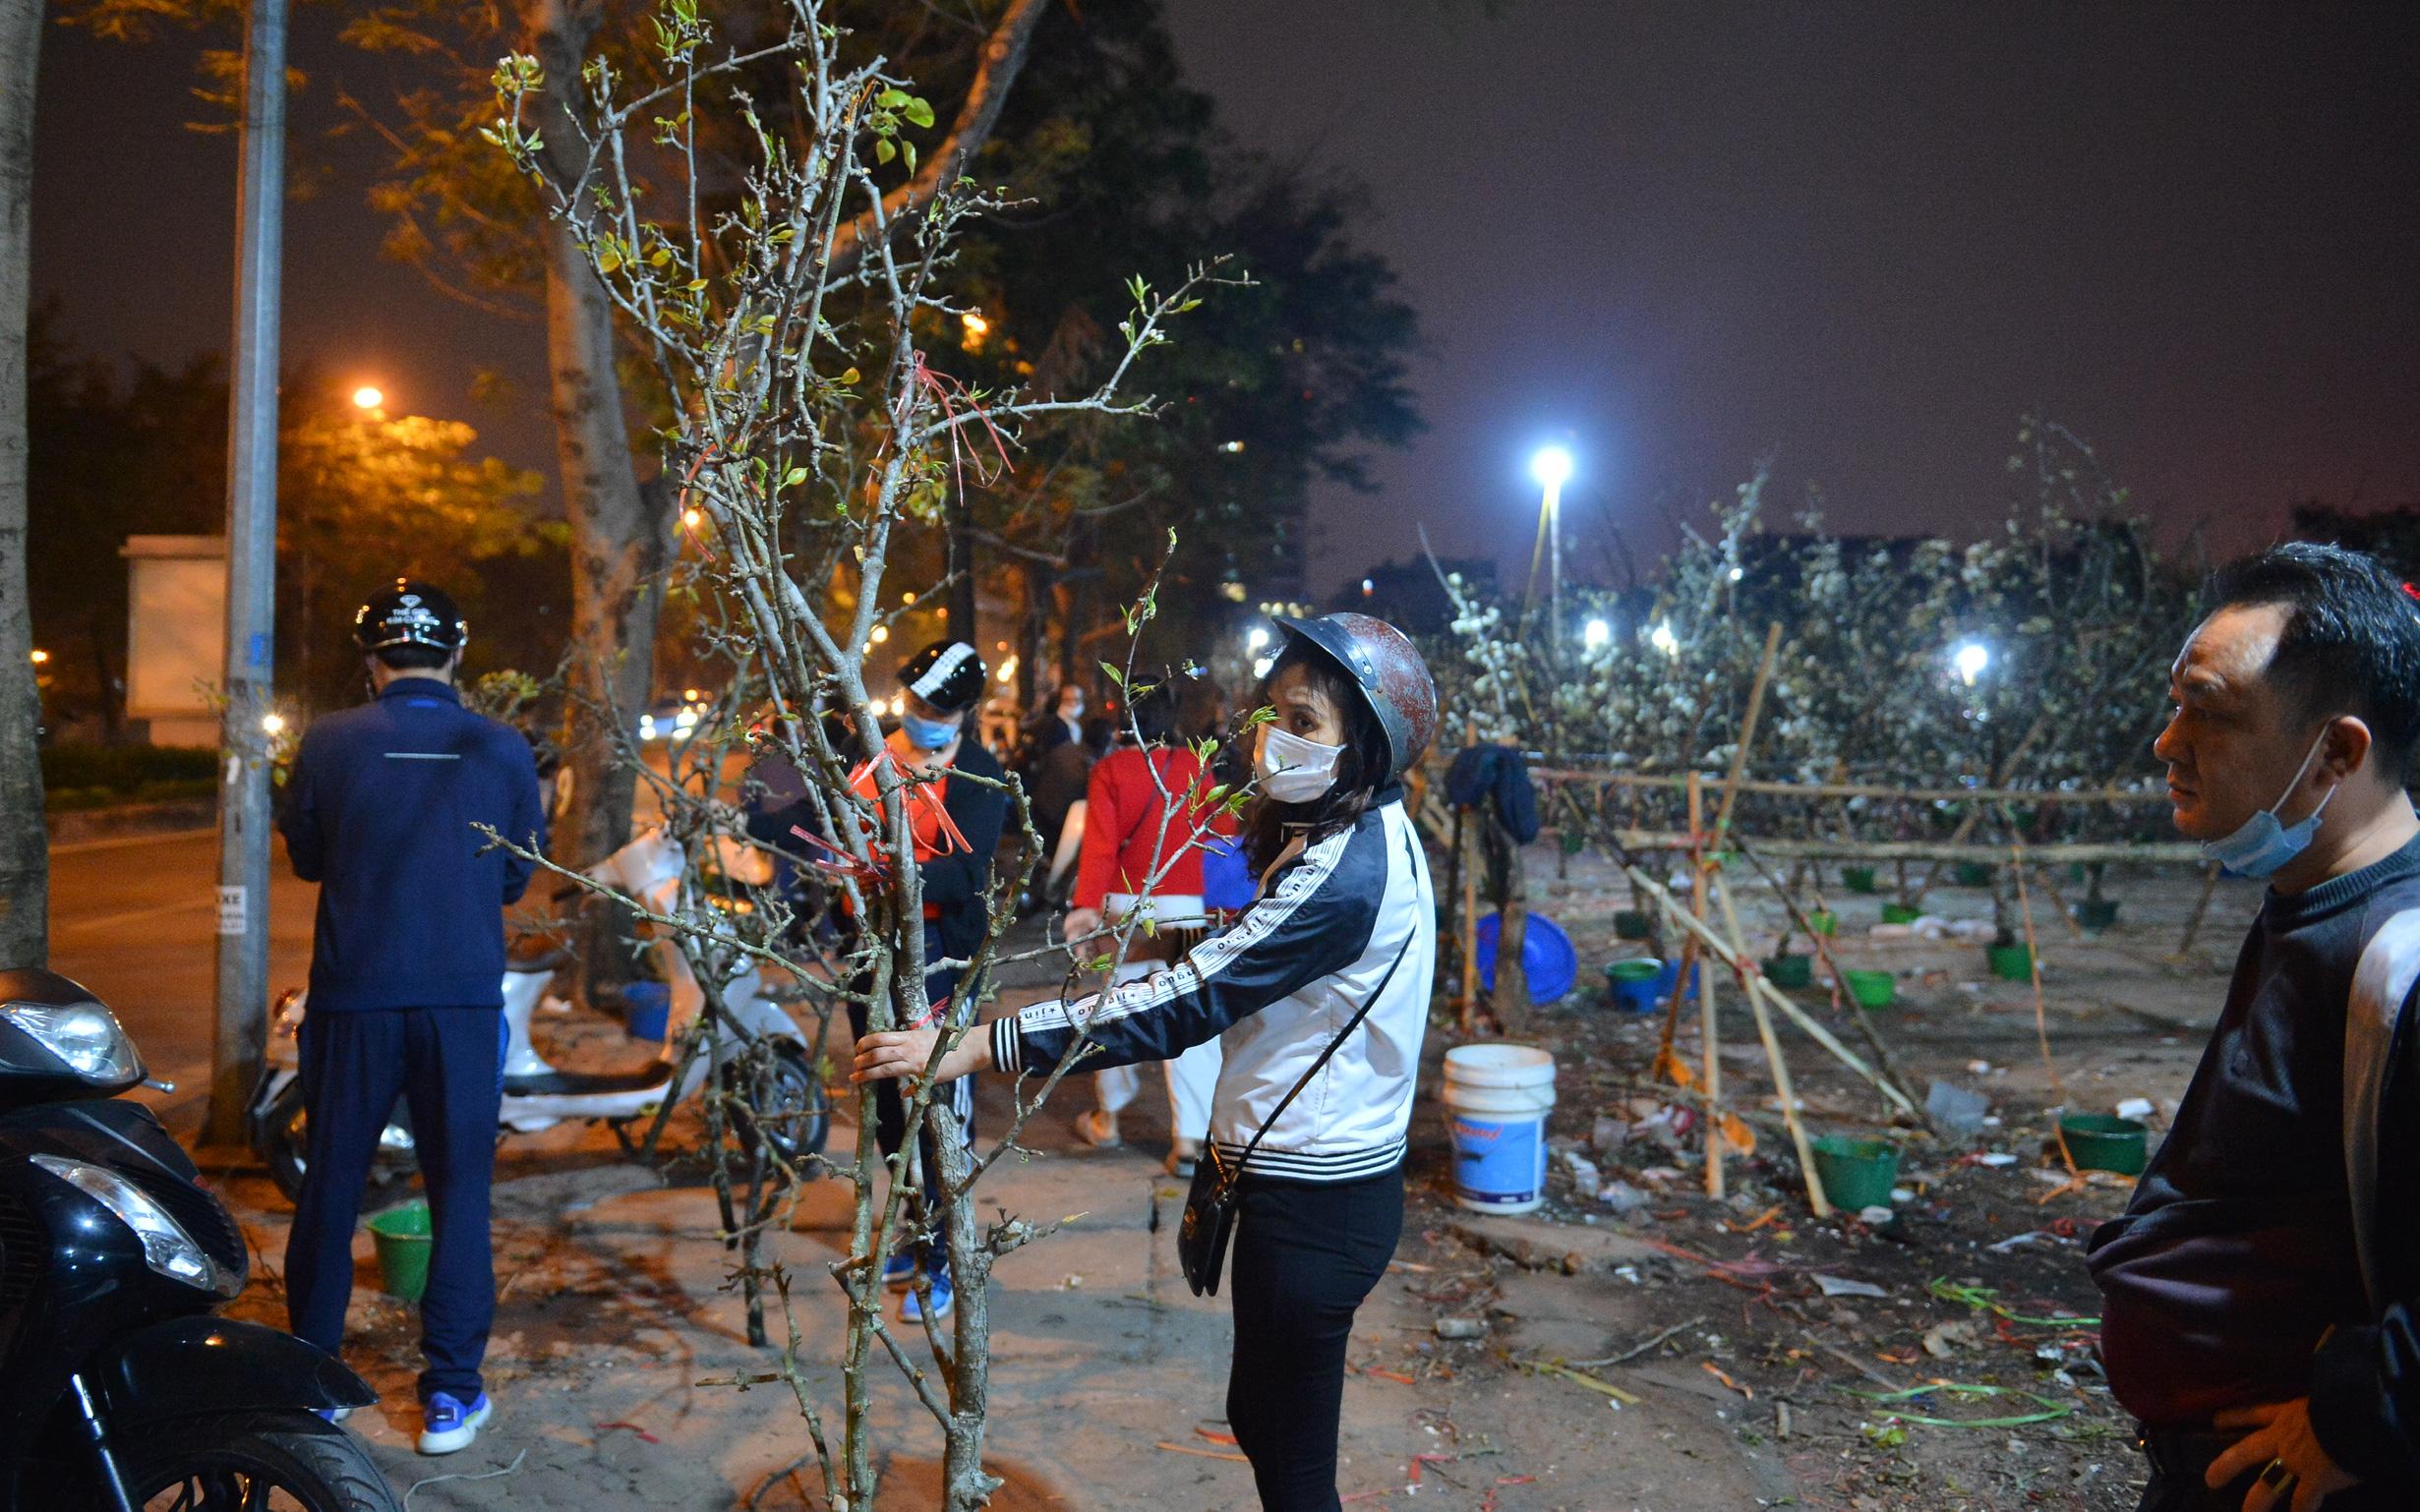 """Người Hà Nội rộ mốt chơi hoa lê tiền triệu sau Tết, chuyên gia lên tiếng: """"Nên cấm việc chặt lê rừng"""""""